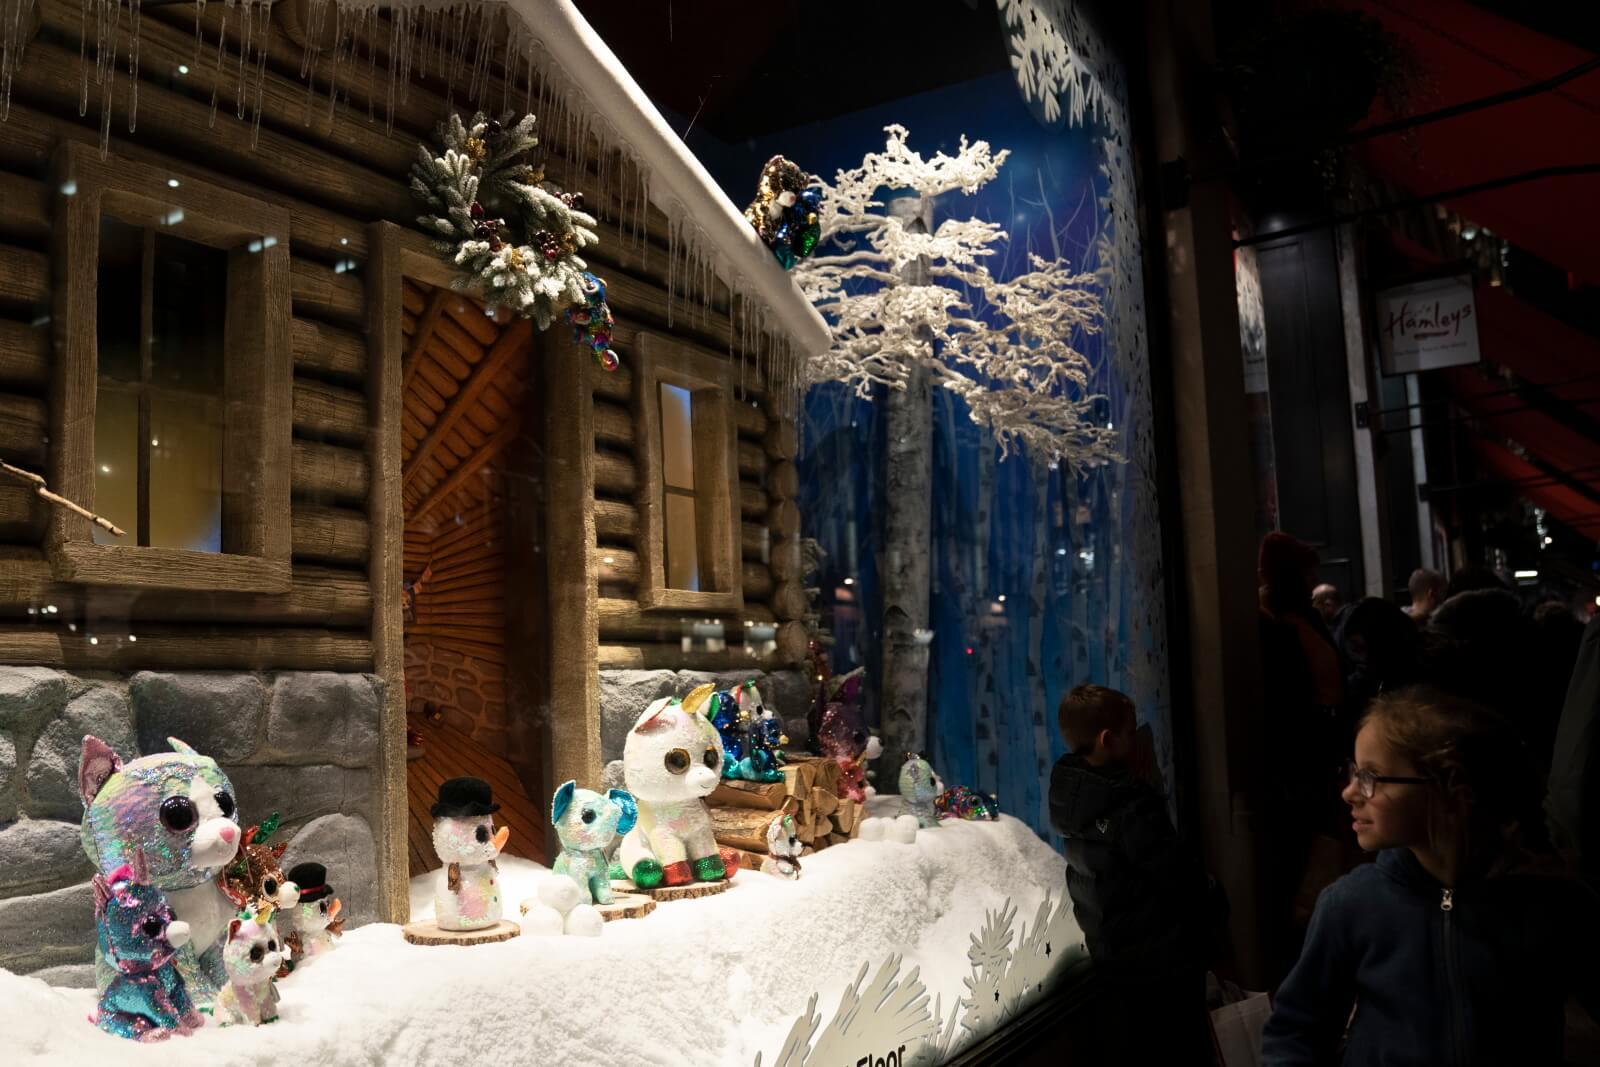 Wystawa Świąteczna w Wielkiej Brytanii fot. EPA/WILL OLIVER